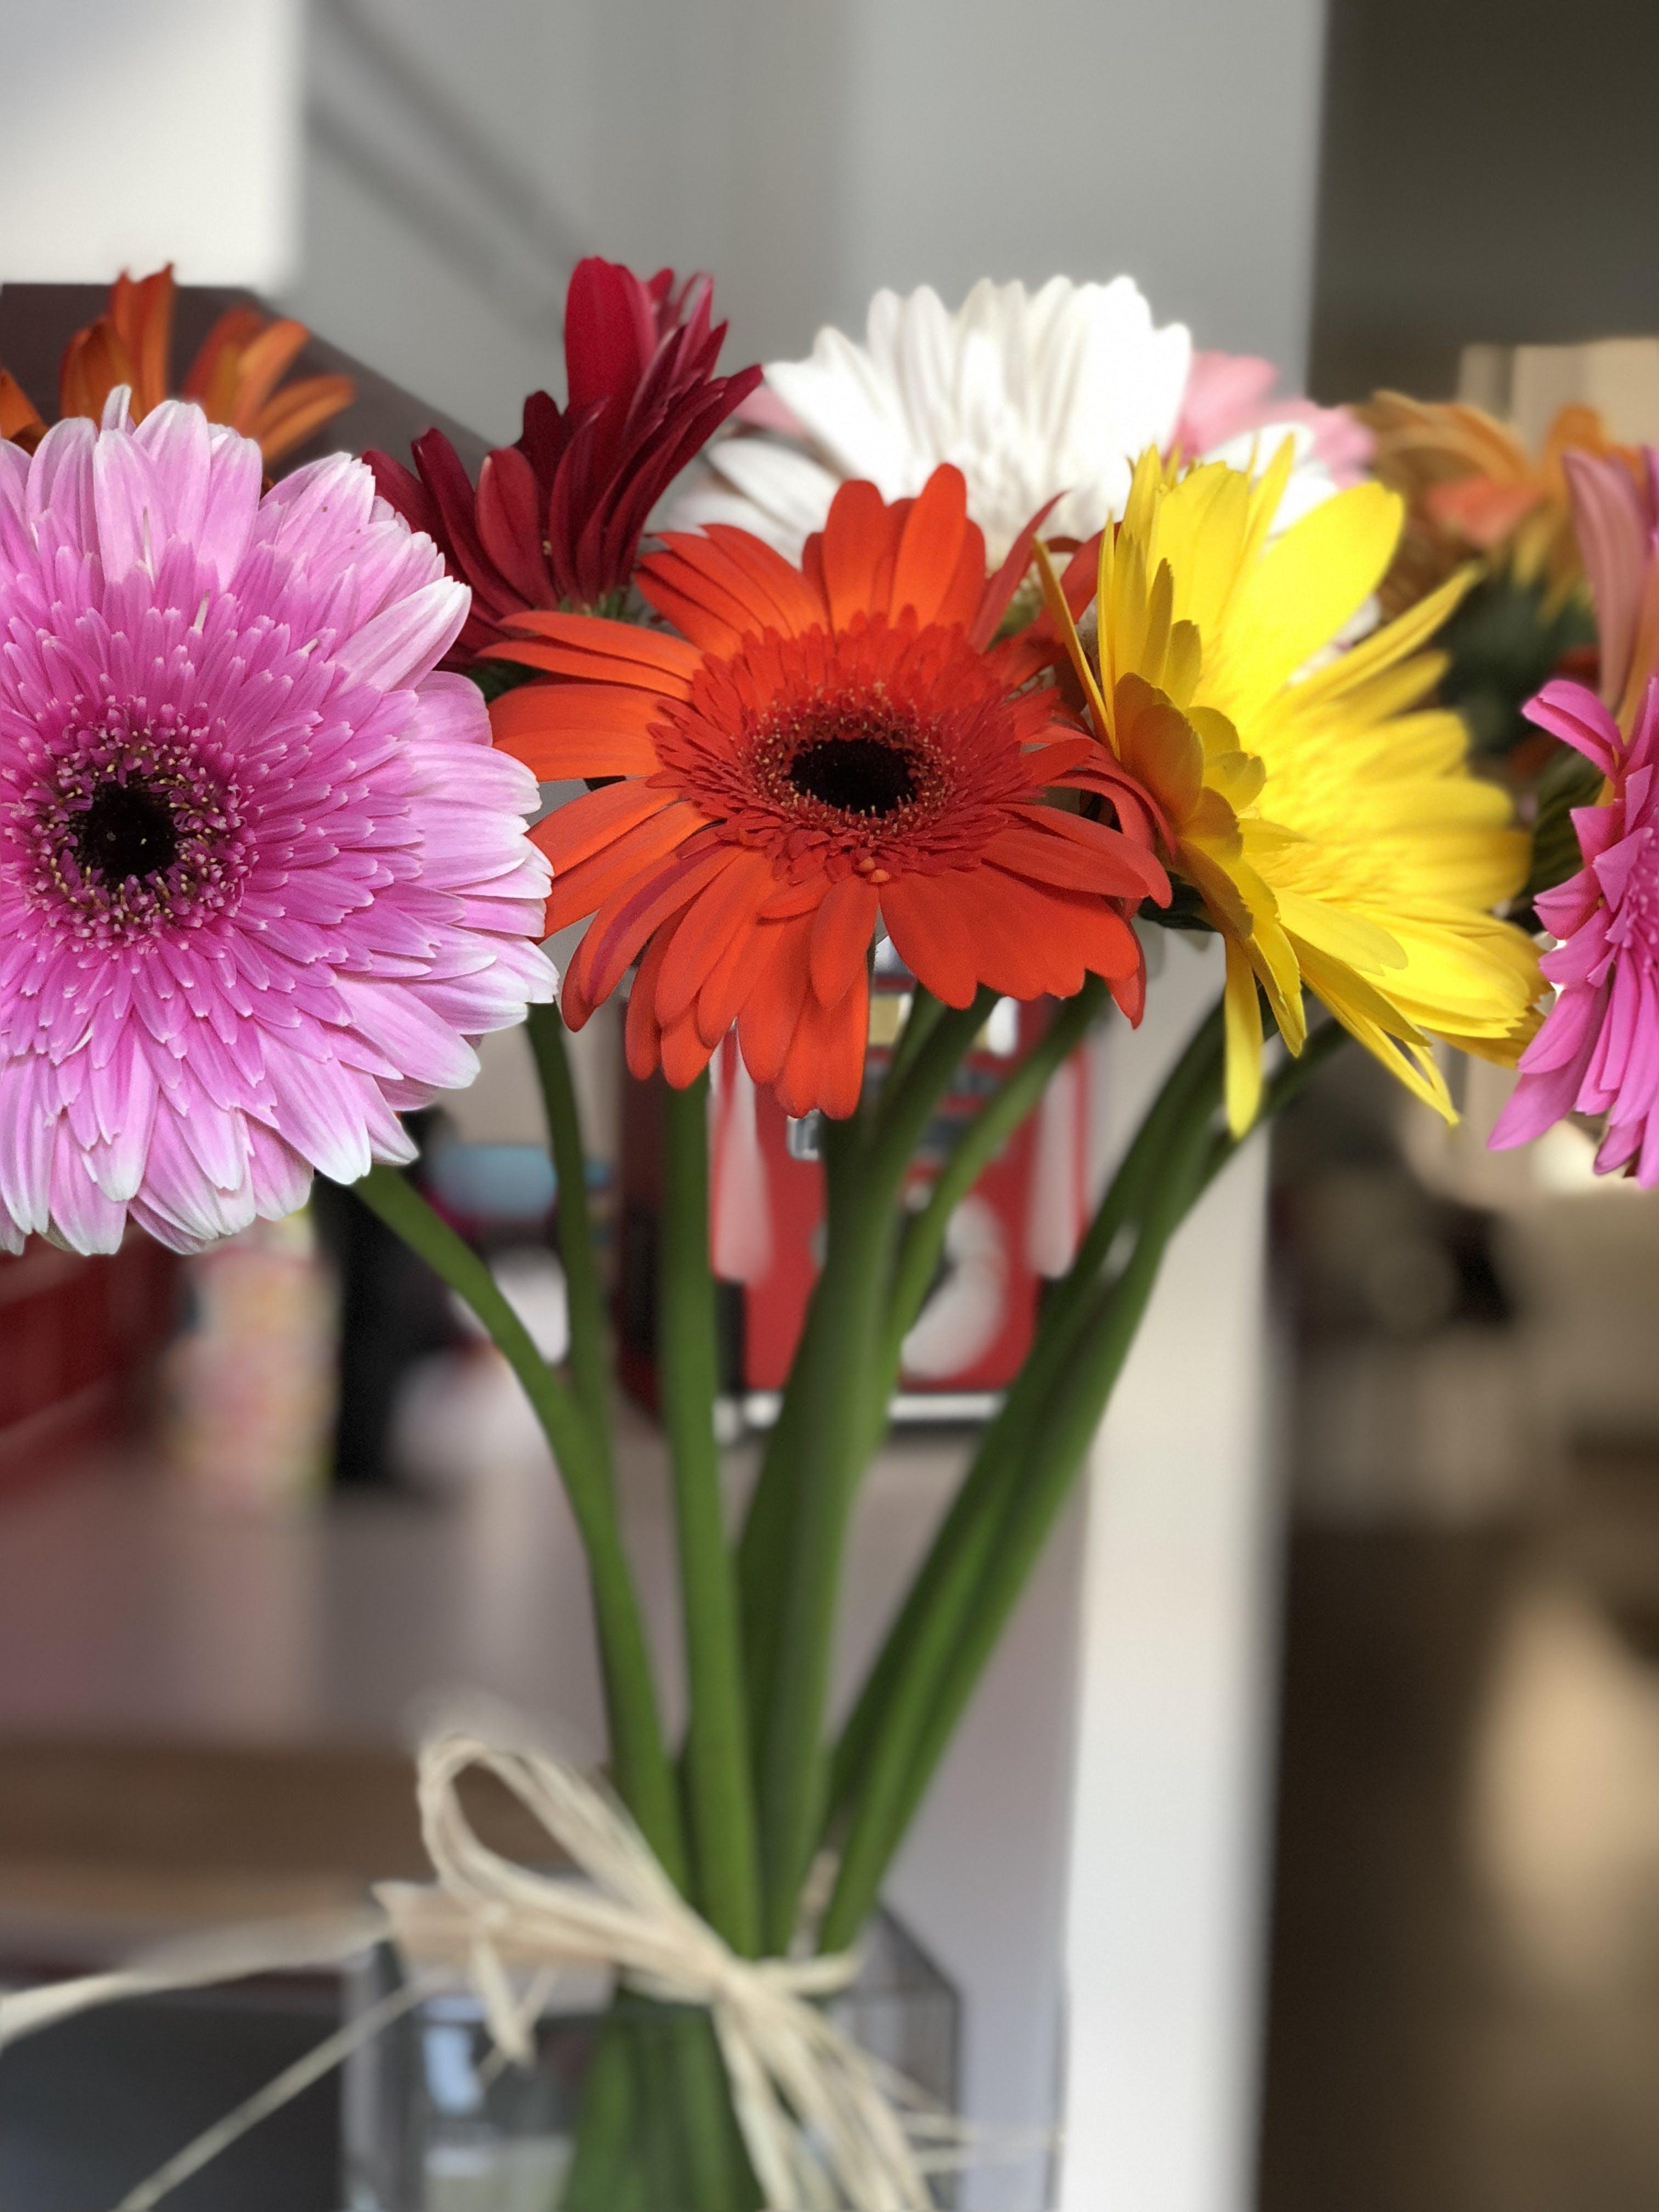 Δωρεάν στοκ φωτογραφιών με #mylove #boyfriend #flowers #love